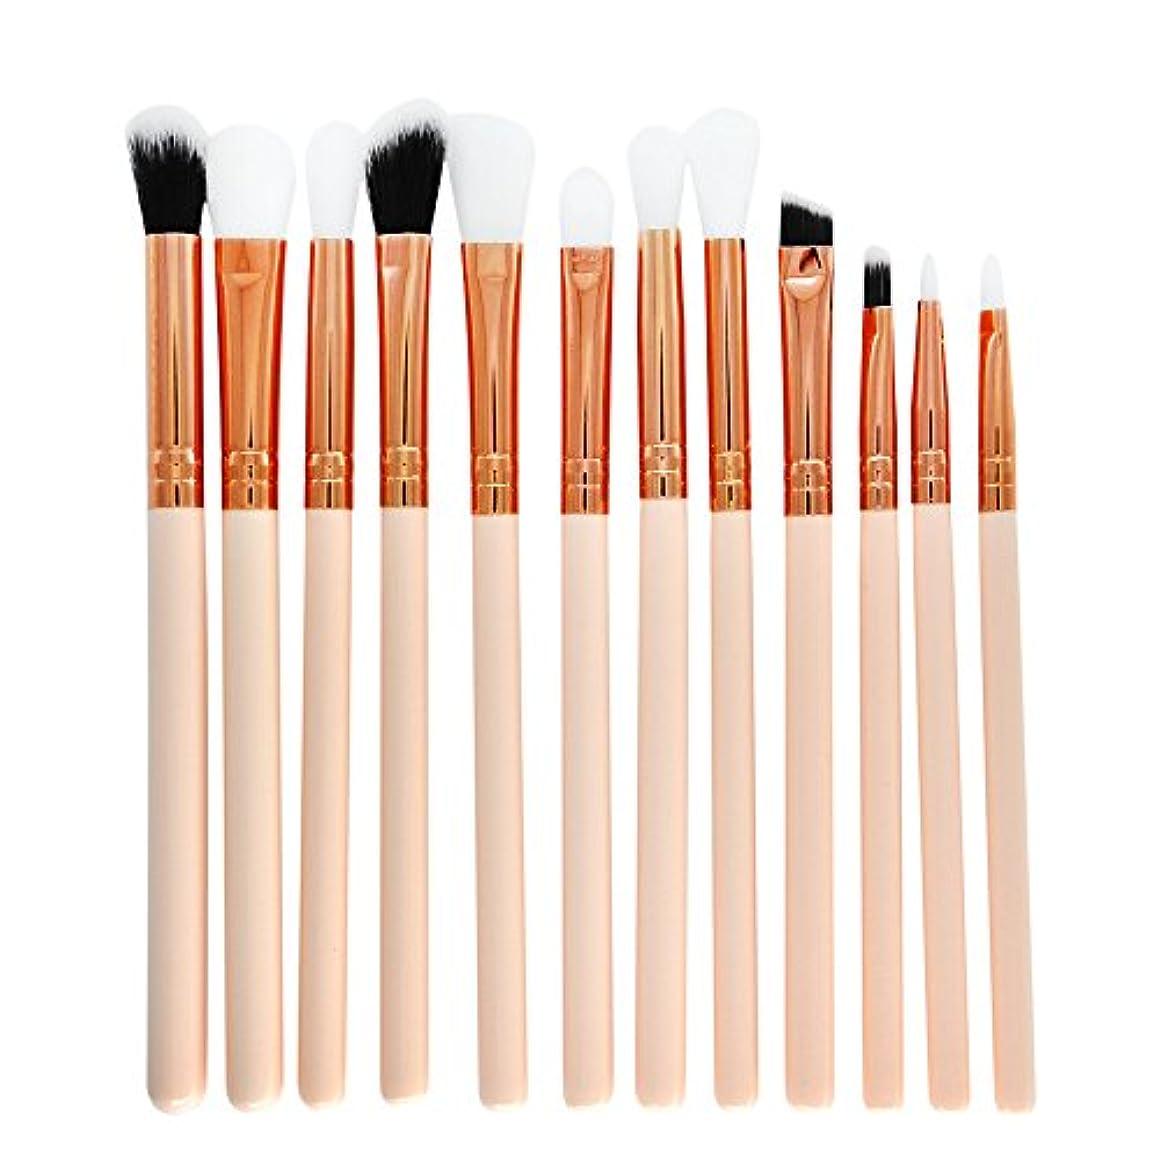 12 本セット化粧筆 | メイクアップブラシセット アイシャドウメイクブラシ| コスメチック化粧ブラシキットビューティーツール (ホワイト)